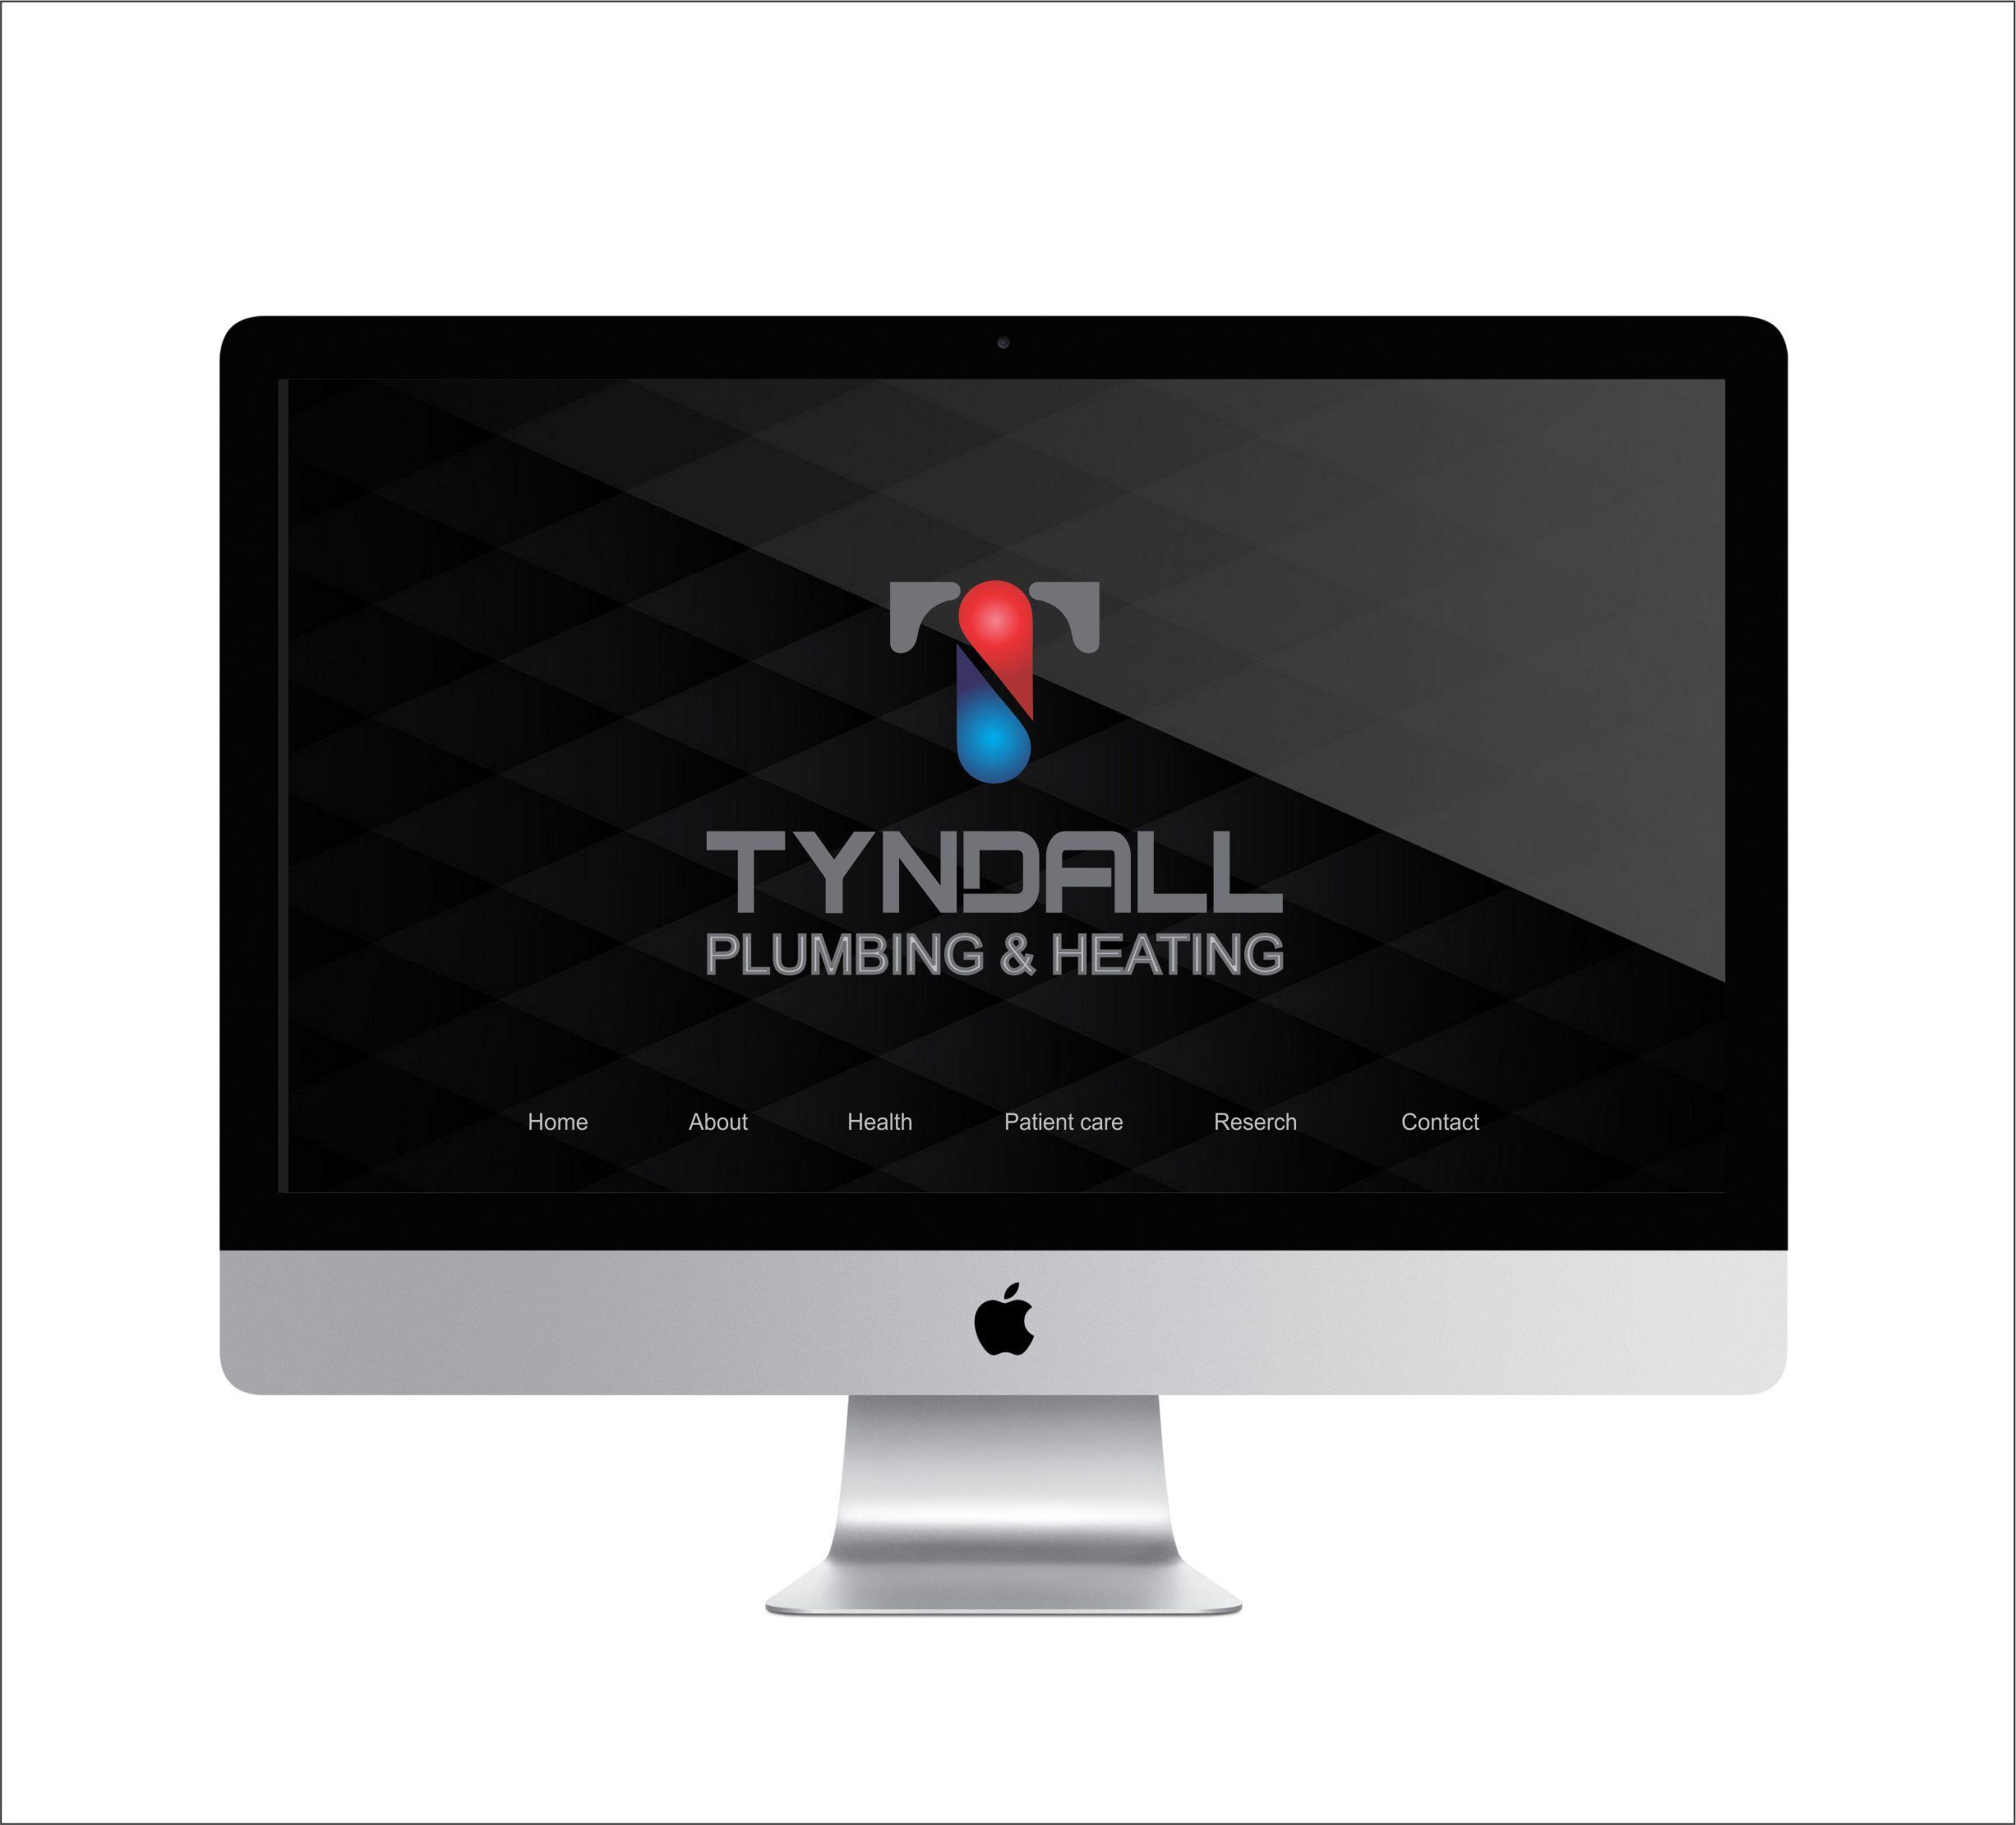 Logo Design by Nikola Kapunac - Entry No. 127 in the Logo Design Contest Imaginative Logo Design for Tyndall Plumbing & Heating.